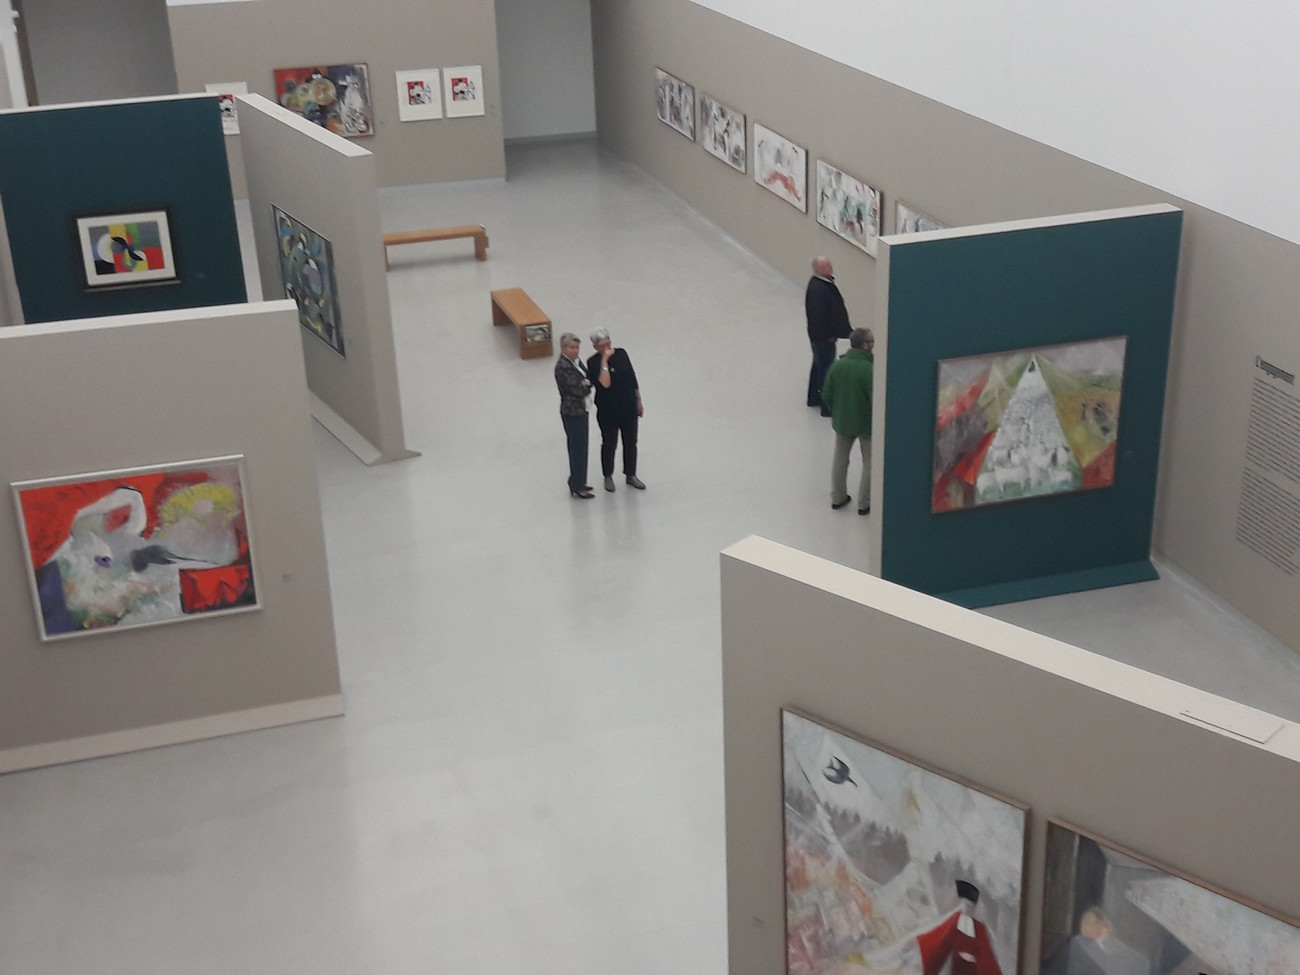 Musée Wurth France Erstein : Covid19-fermeture exceptionnelle jusqu'à nouvel ordre